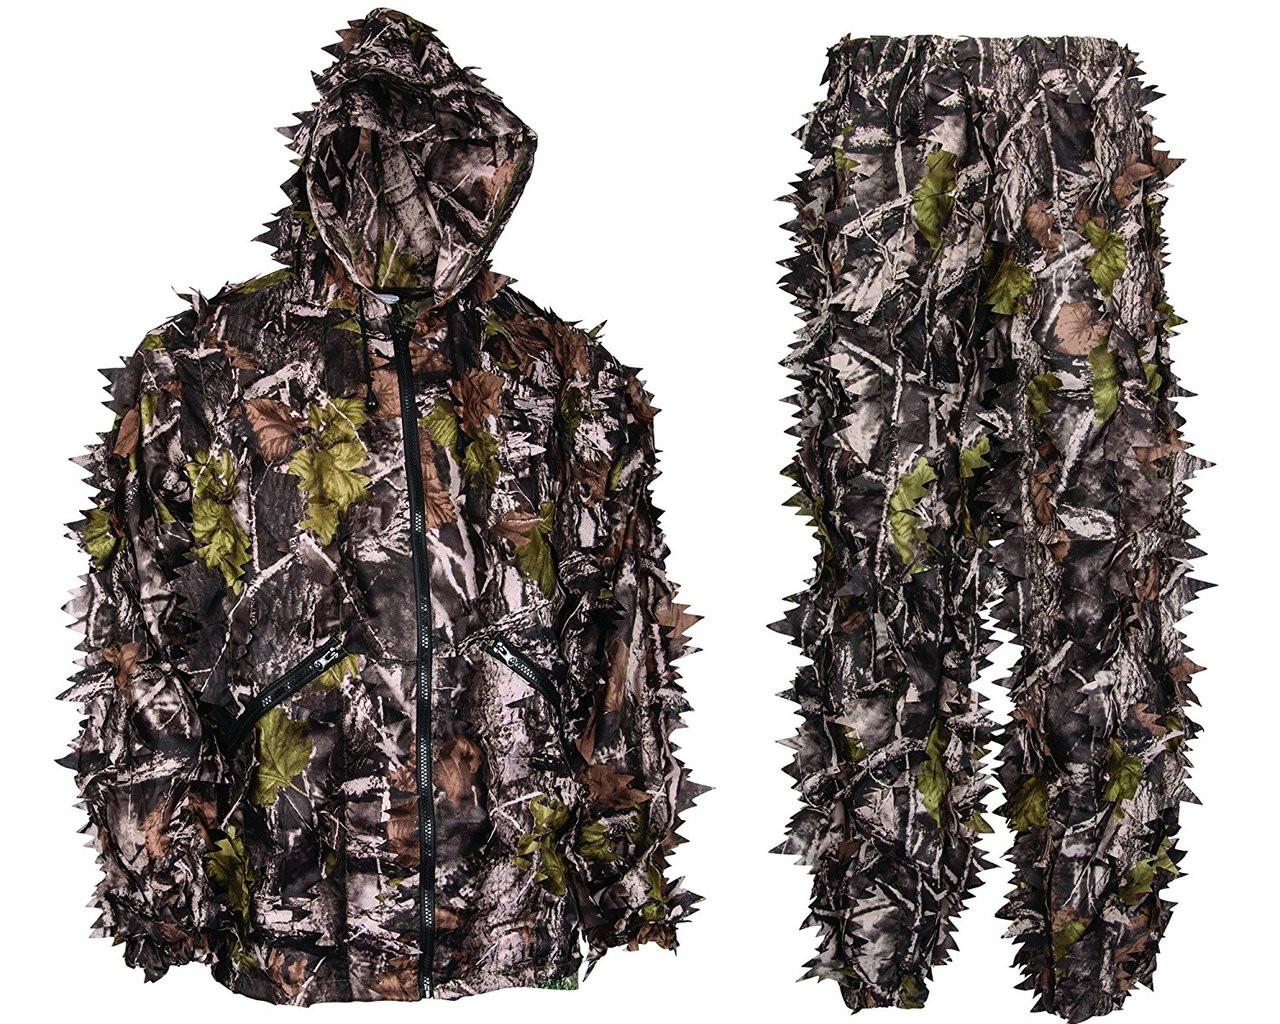 db8fb7f38b8fd Buy Swedteam Leafy Hunting Suit Online   Leafy Wear 3d Breakup ...